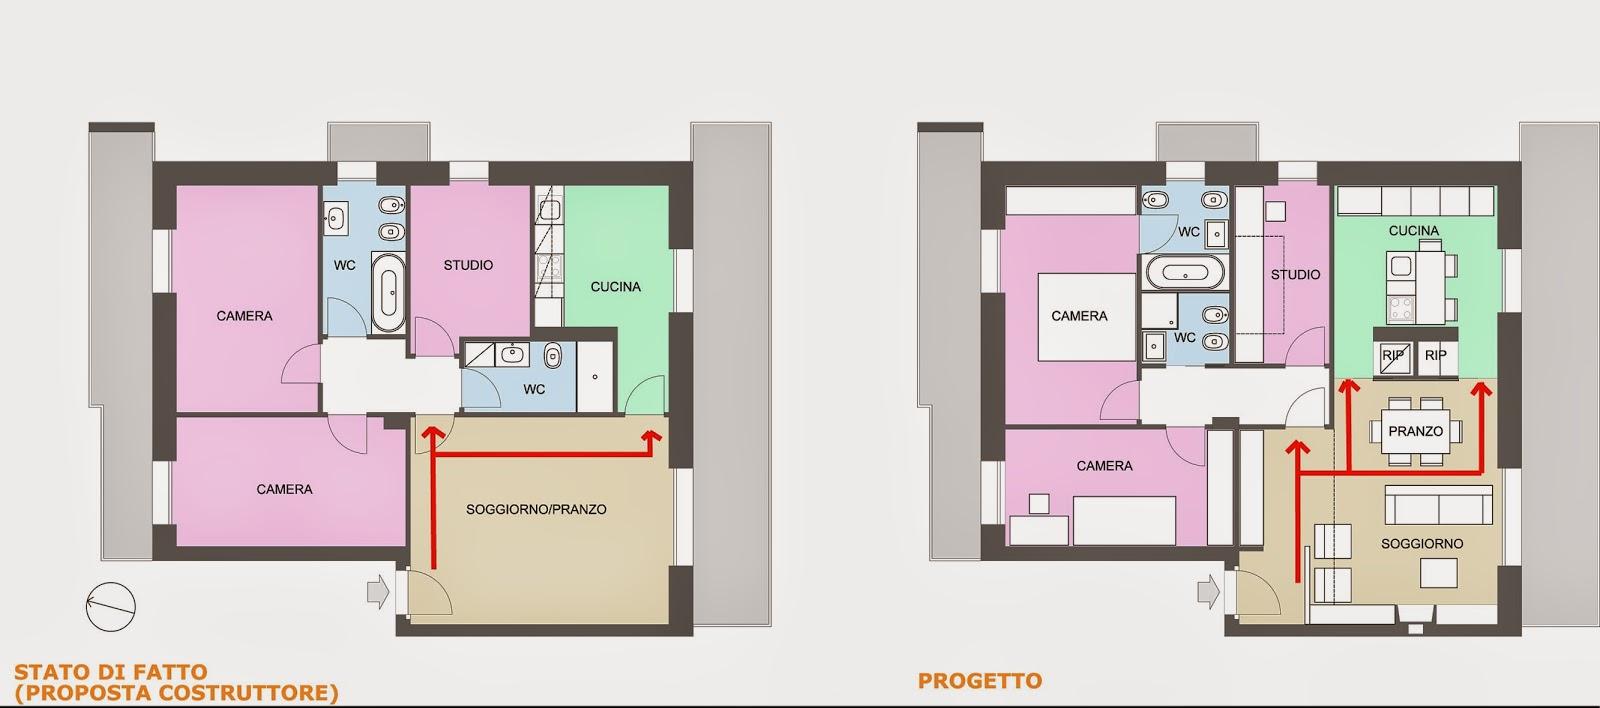 Appunti di architettura 5 consigli per progettare gli interni for Case da architetto